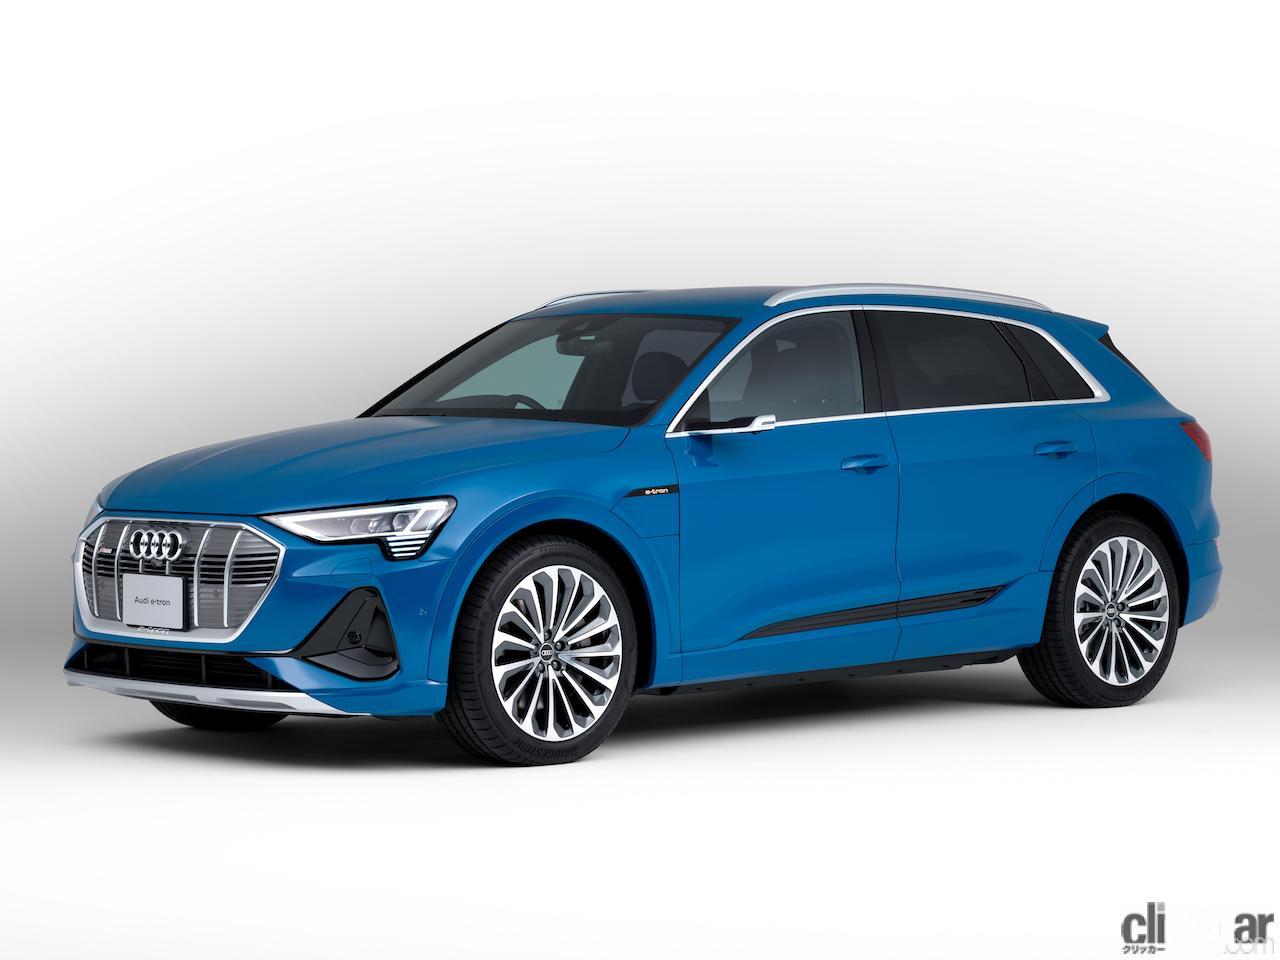 SUVタイプの新型「Audi e-tron」が発売開始。「Audi e-tron Sportback」とともにバッテリー容量71kWhのグレード「50」を設定